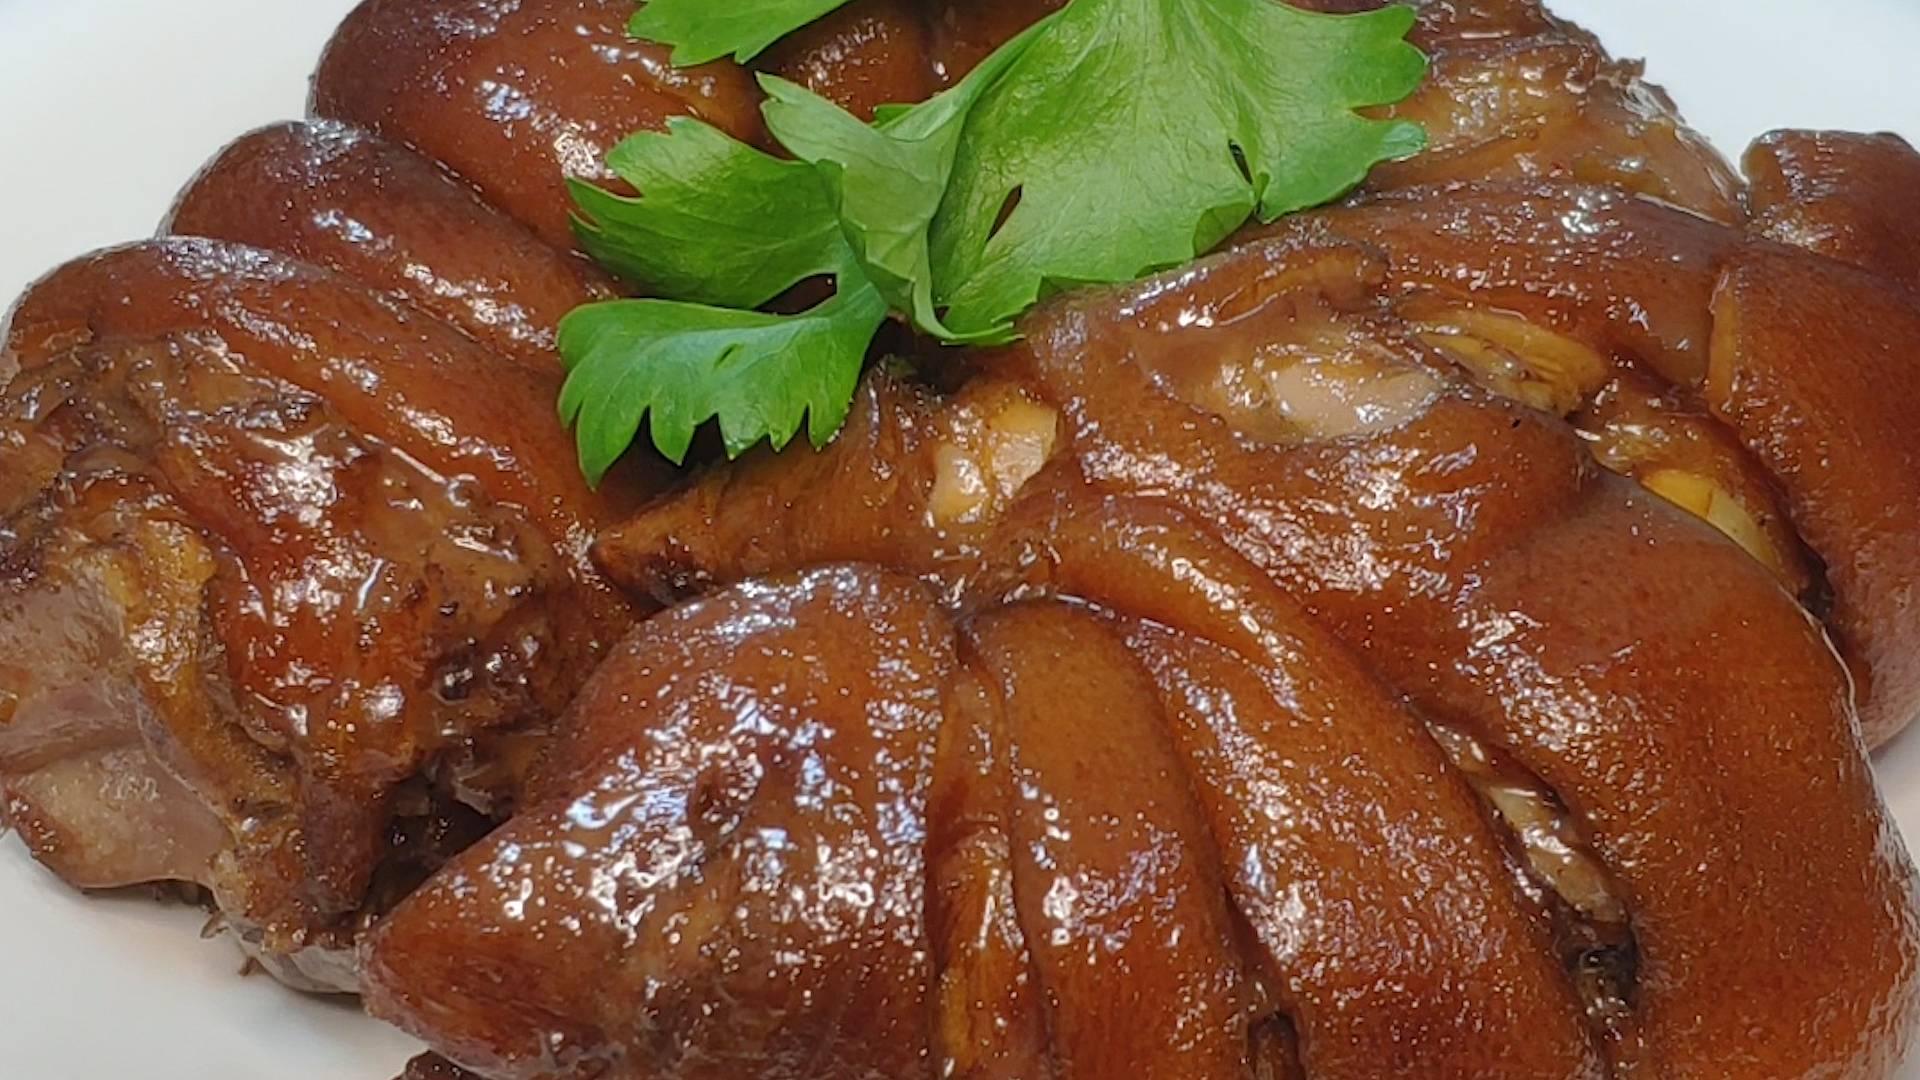 红烧猪蹄最爱这样吃,不用剁开整个下锅,出锅香糯入味超解馋